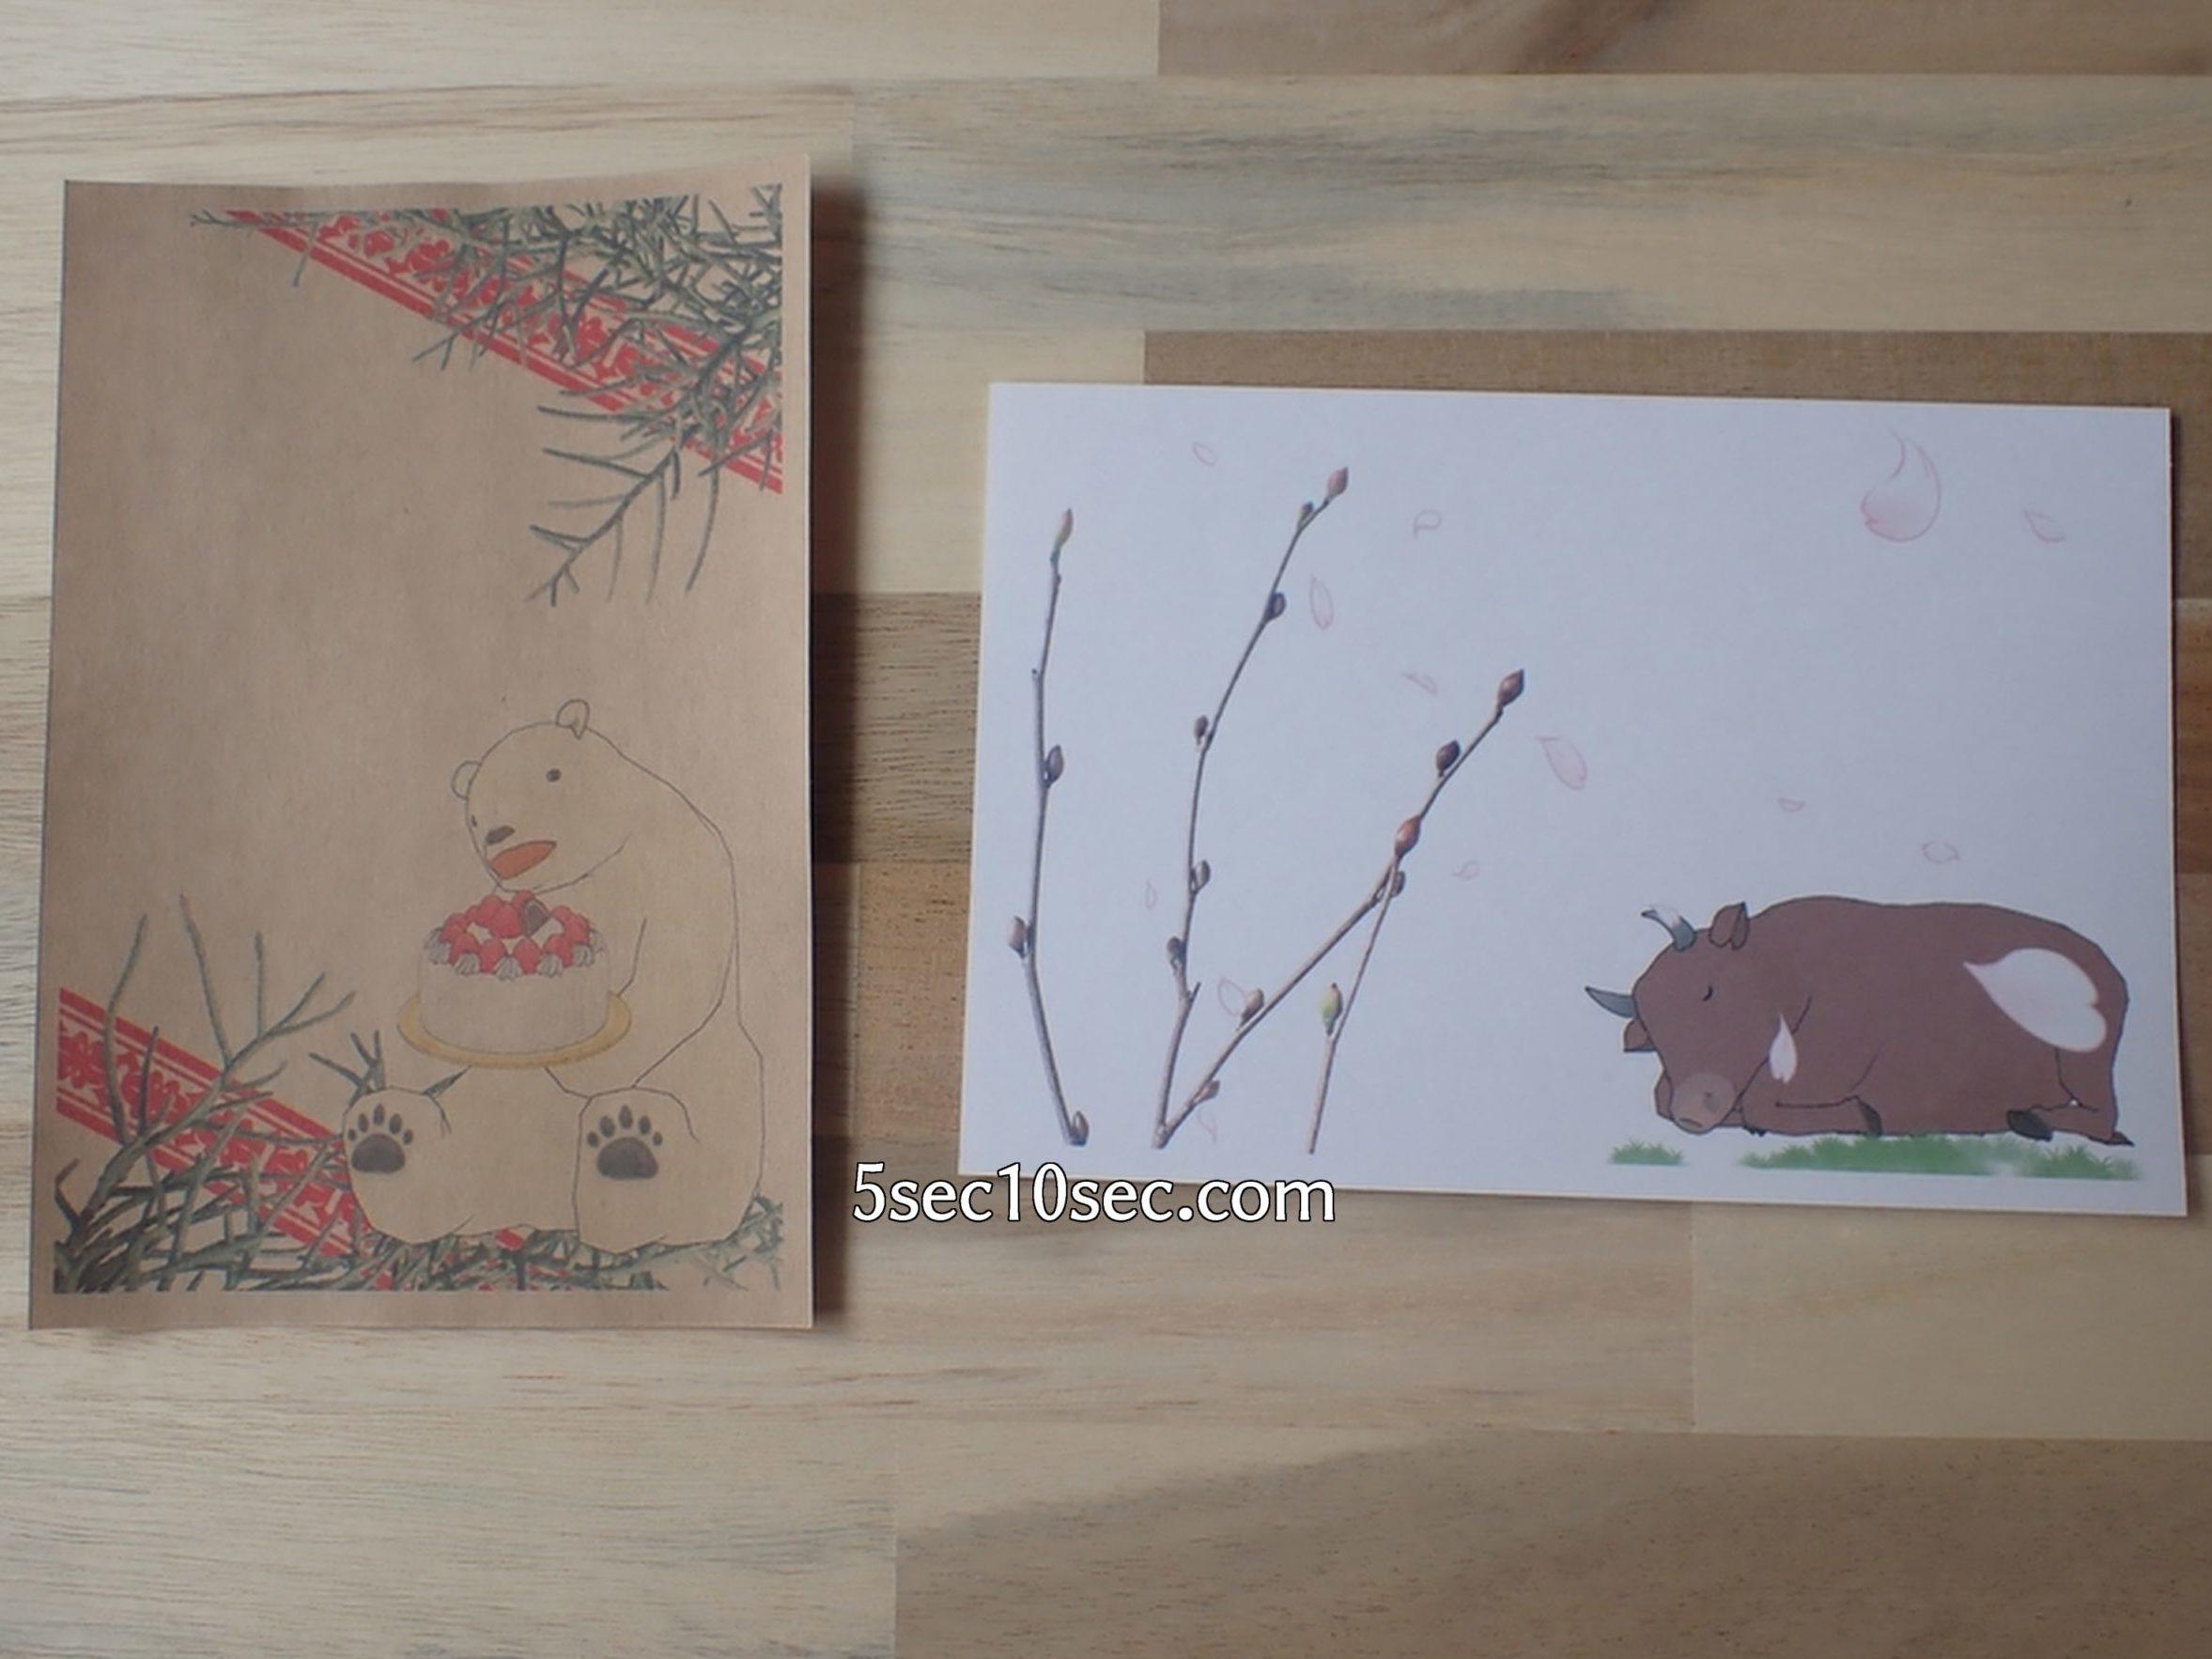 株式会社Crunch Style お花の定期便 Bloomee LIFE ブルーミーライフ レギュラープラン ブルーアイスと姫水木の写真をポストカードの素材にしてみた